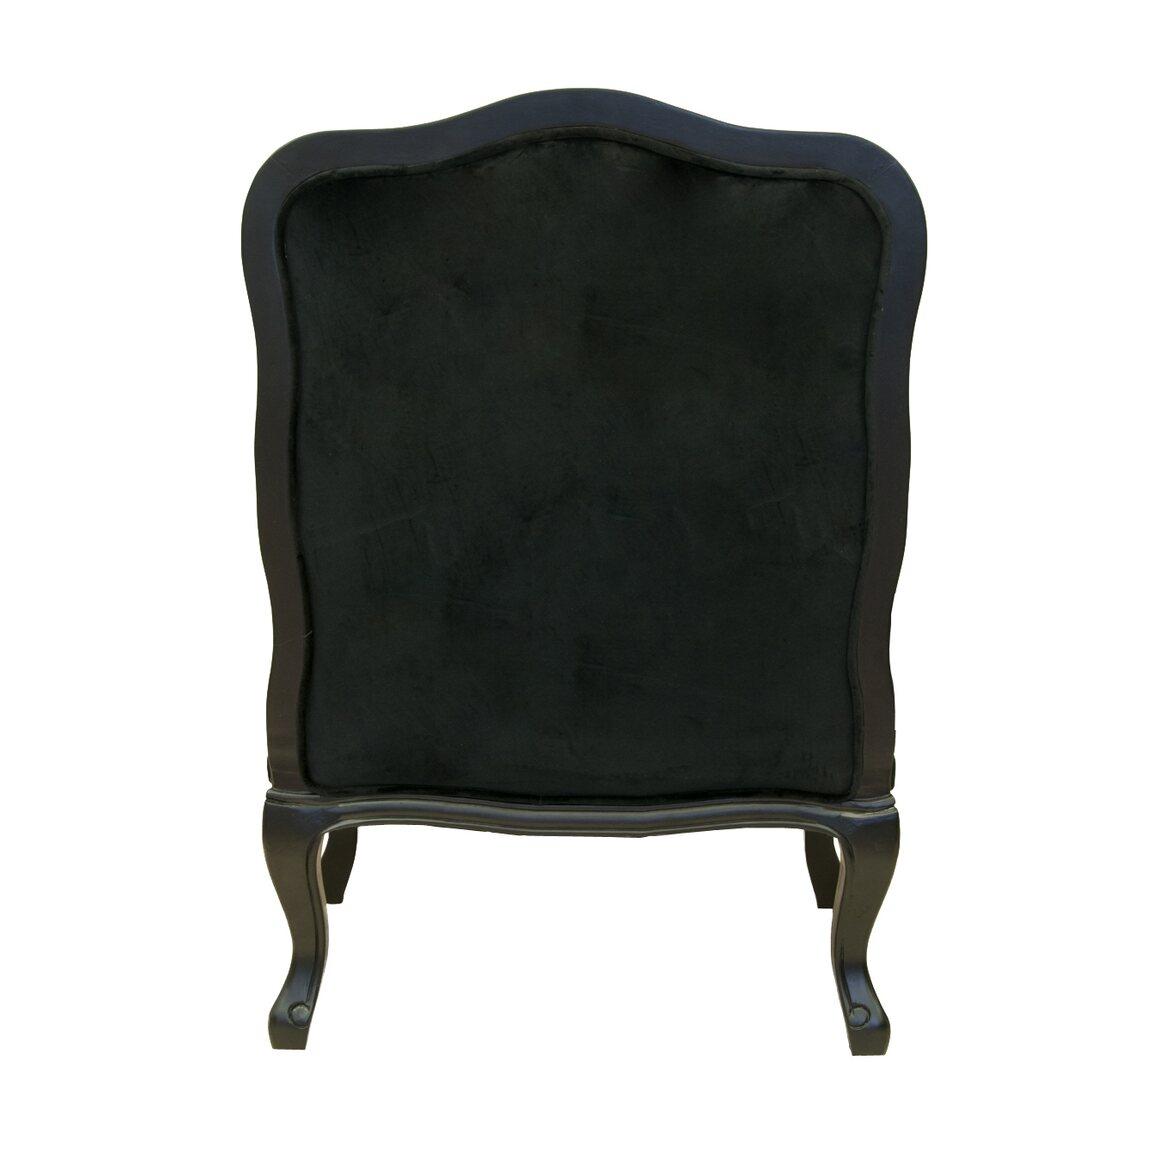 Кресло Nitro black 3 | Кресло-стул Kingsby